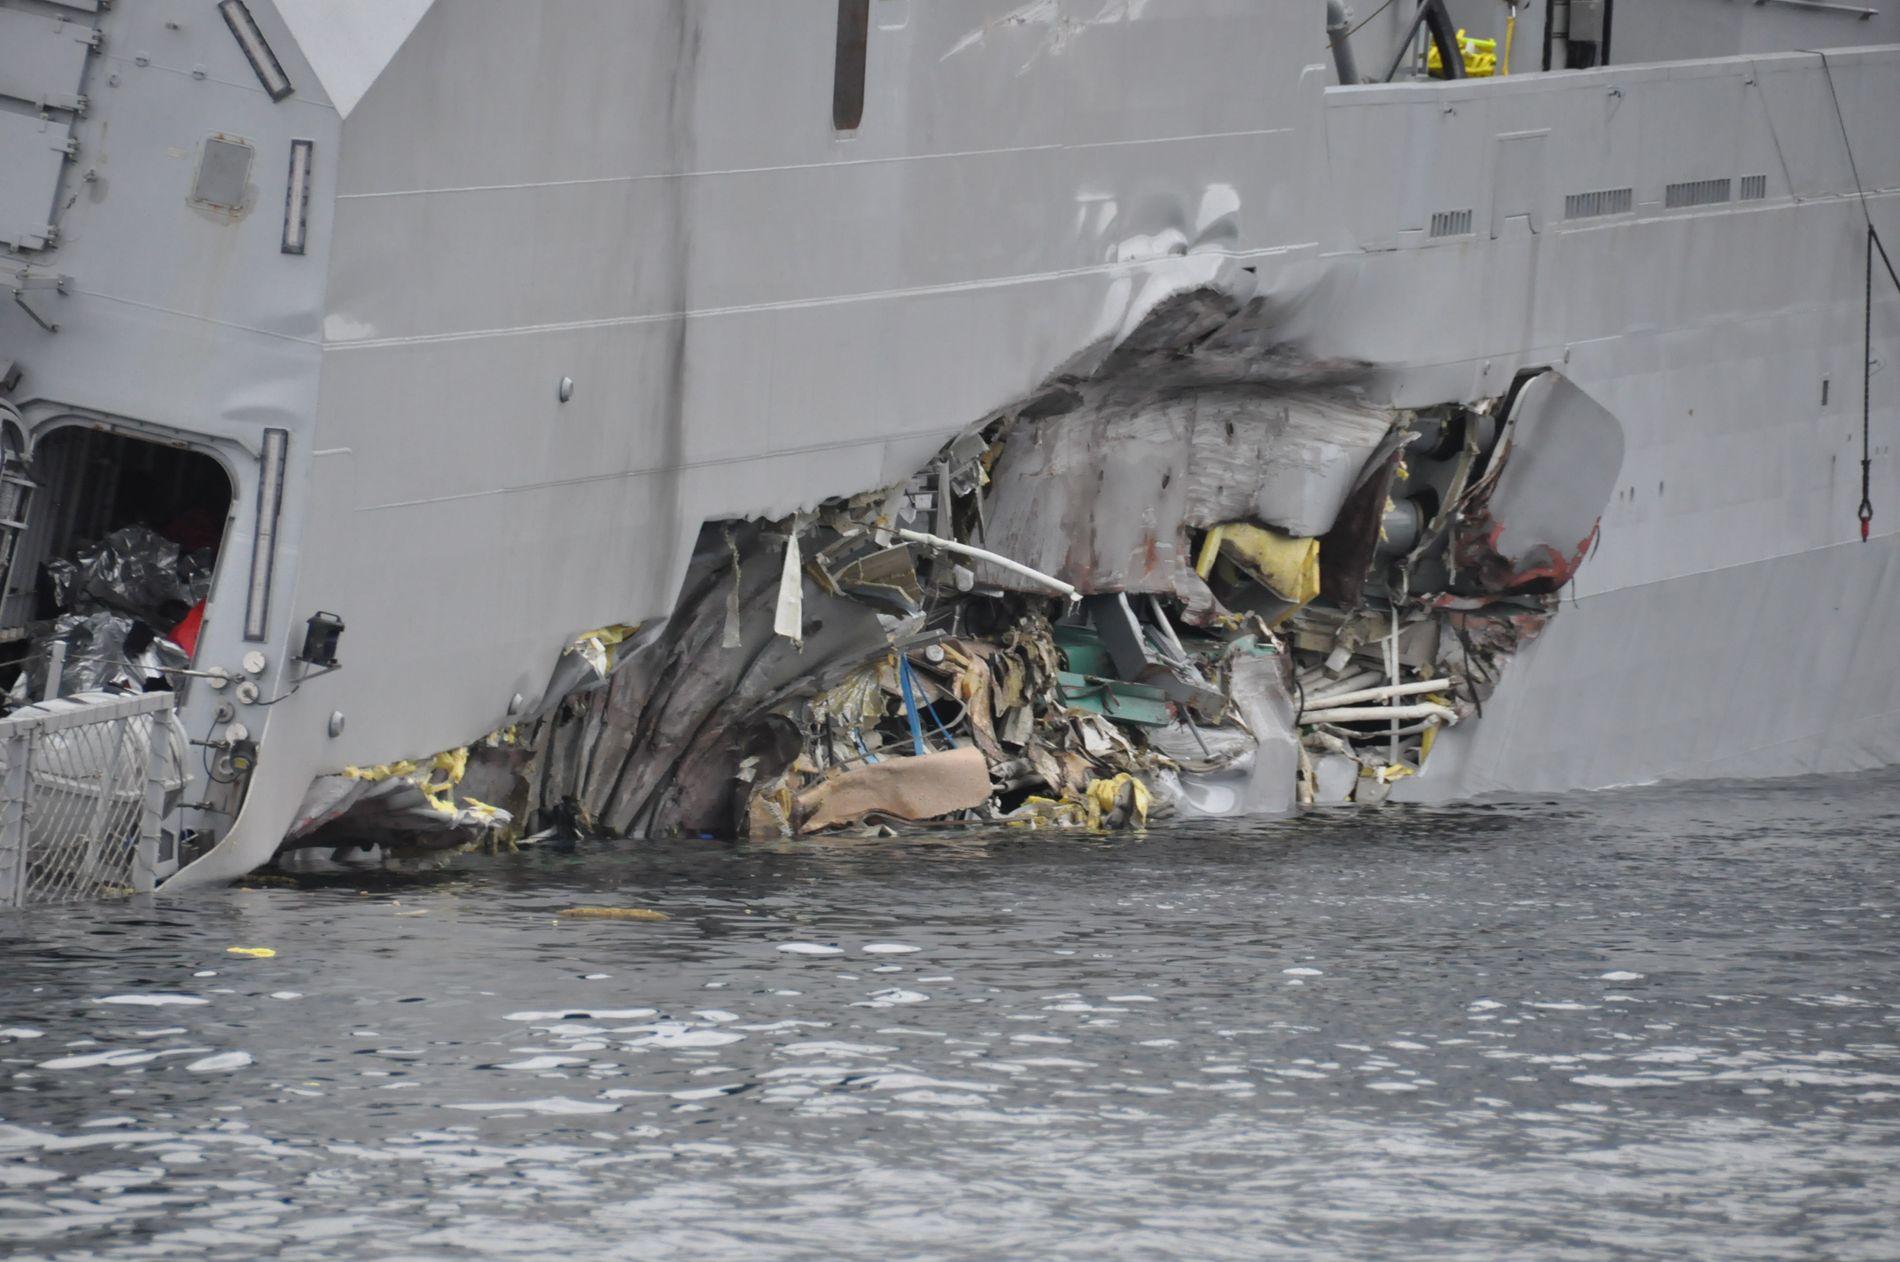 FLENGE: KNM «Helge Ingstad» fikk en stor flenge på siden etter kollisjonen med «Sola TS». I dette området av fregatten skal det være lugarer.